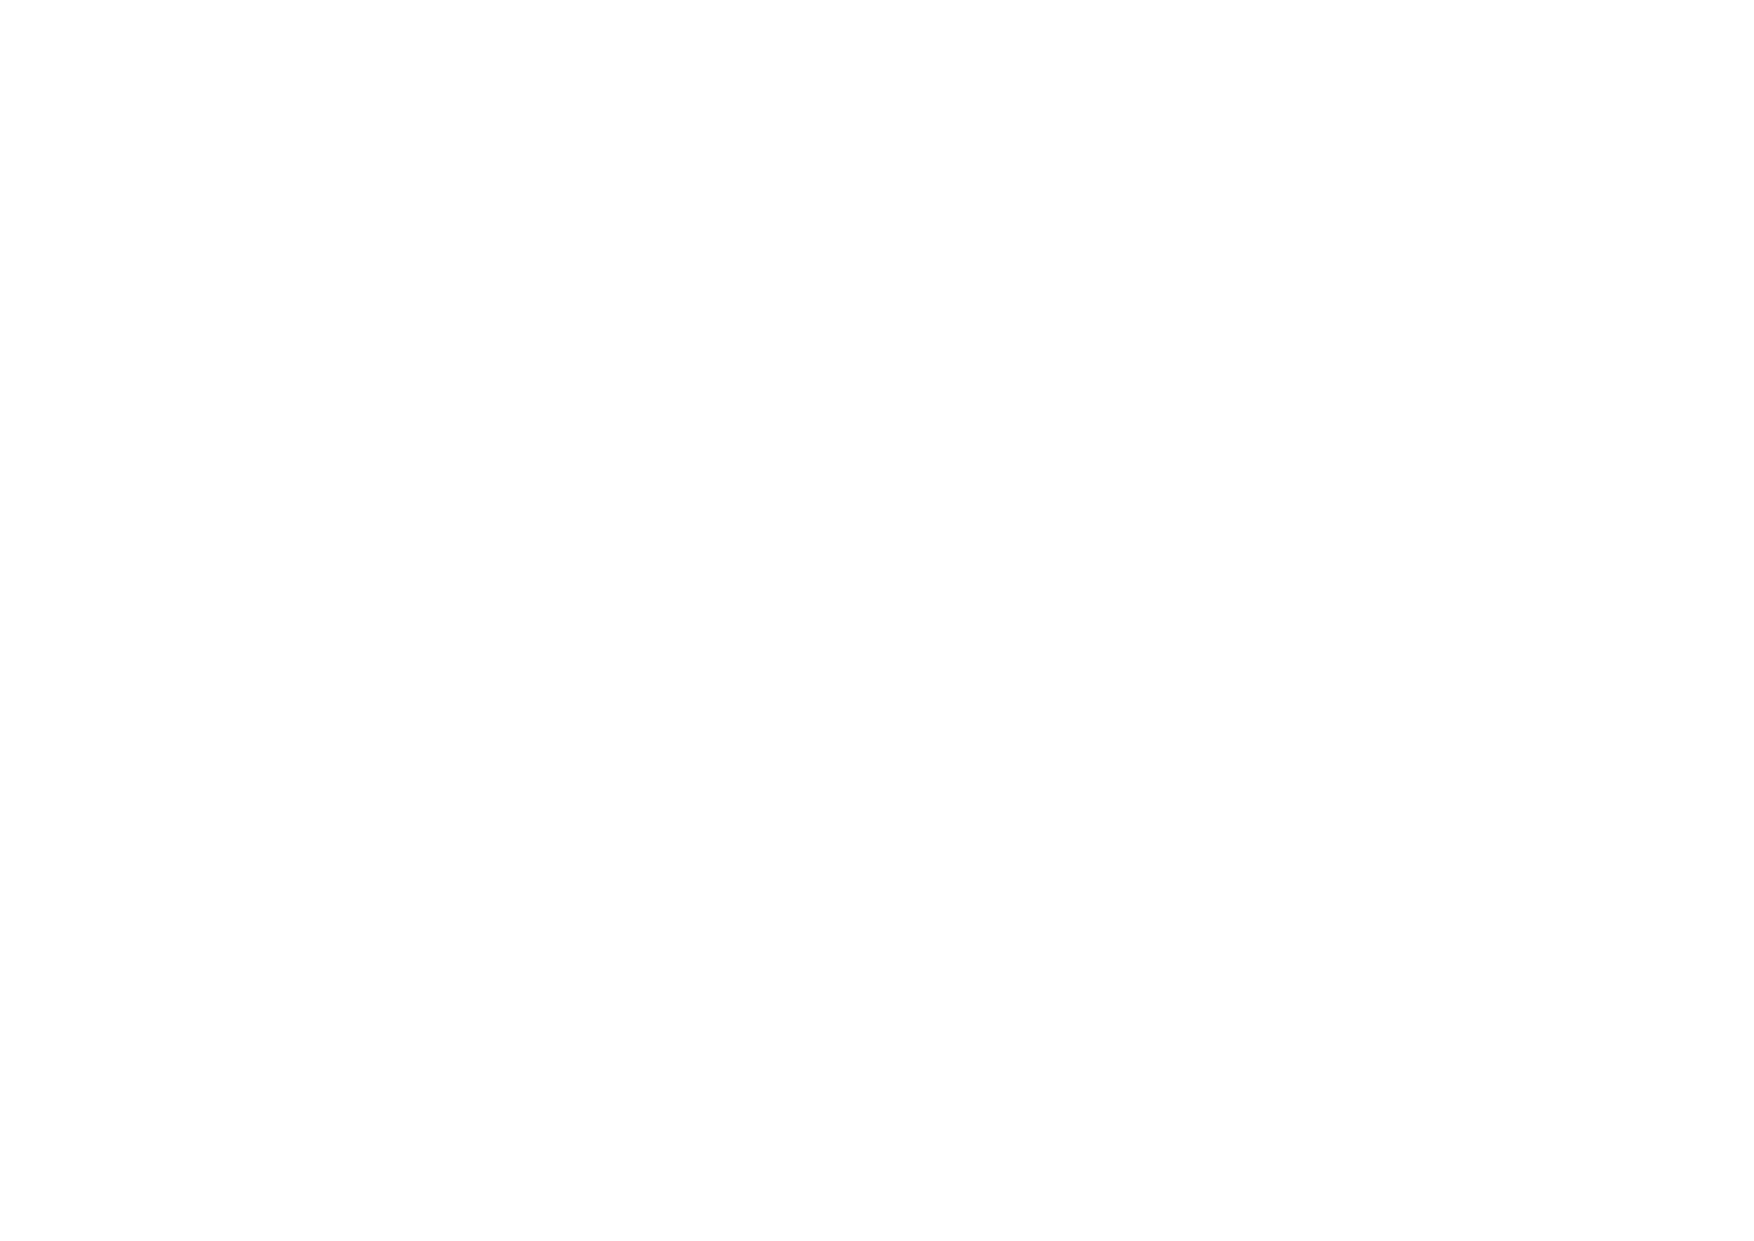 McDaids Plumbing